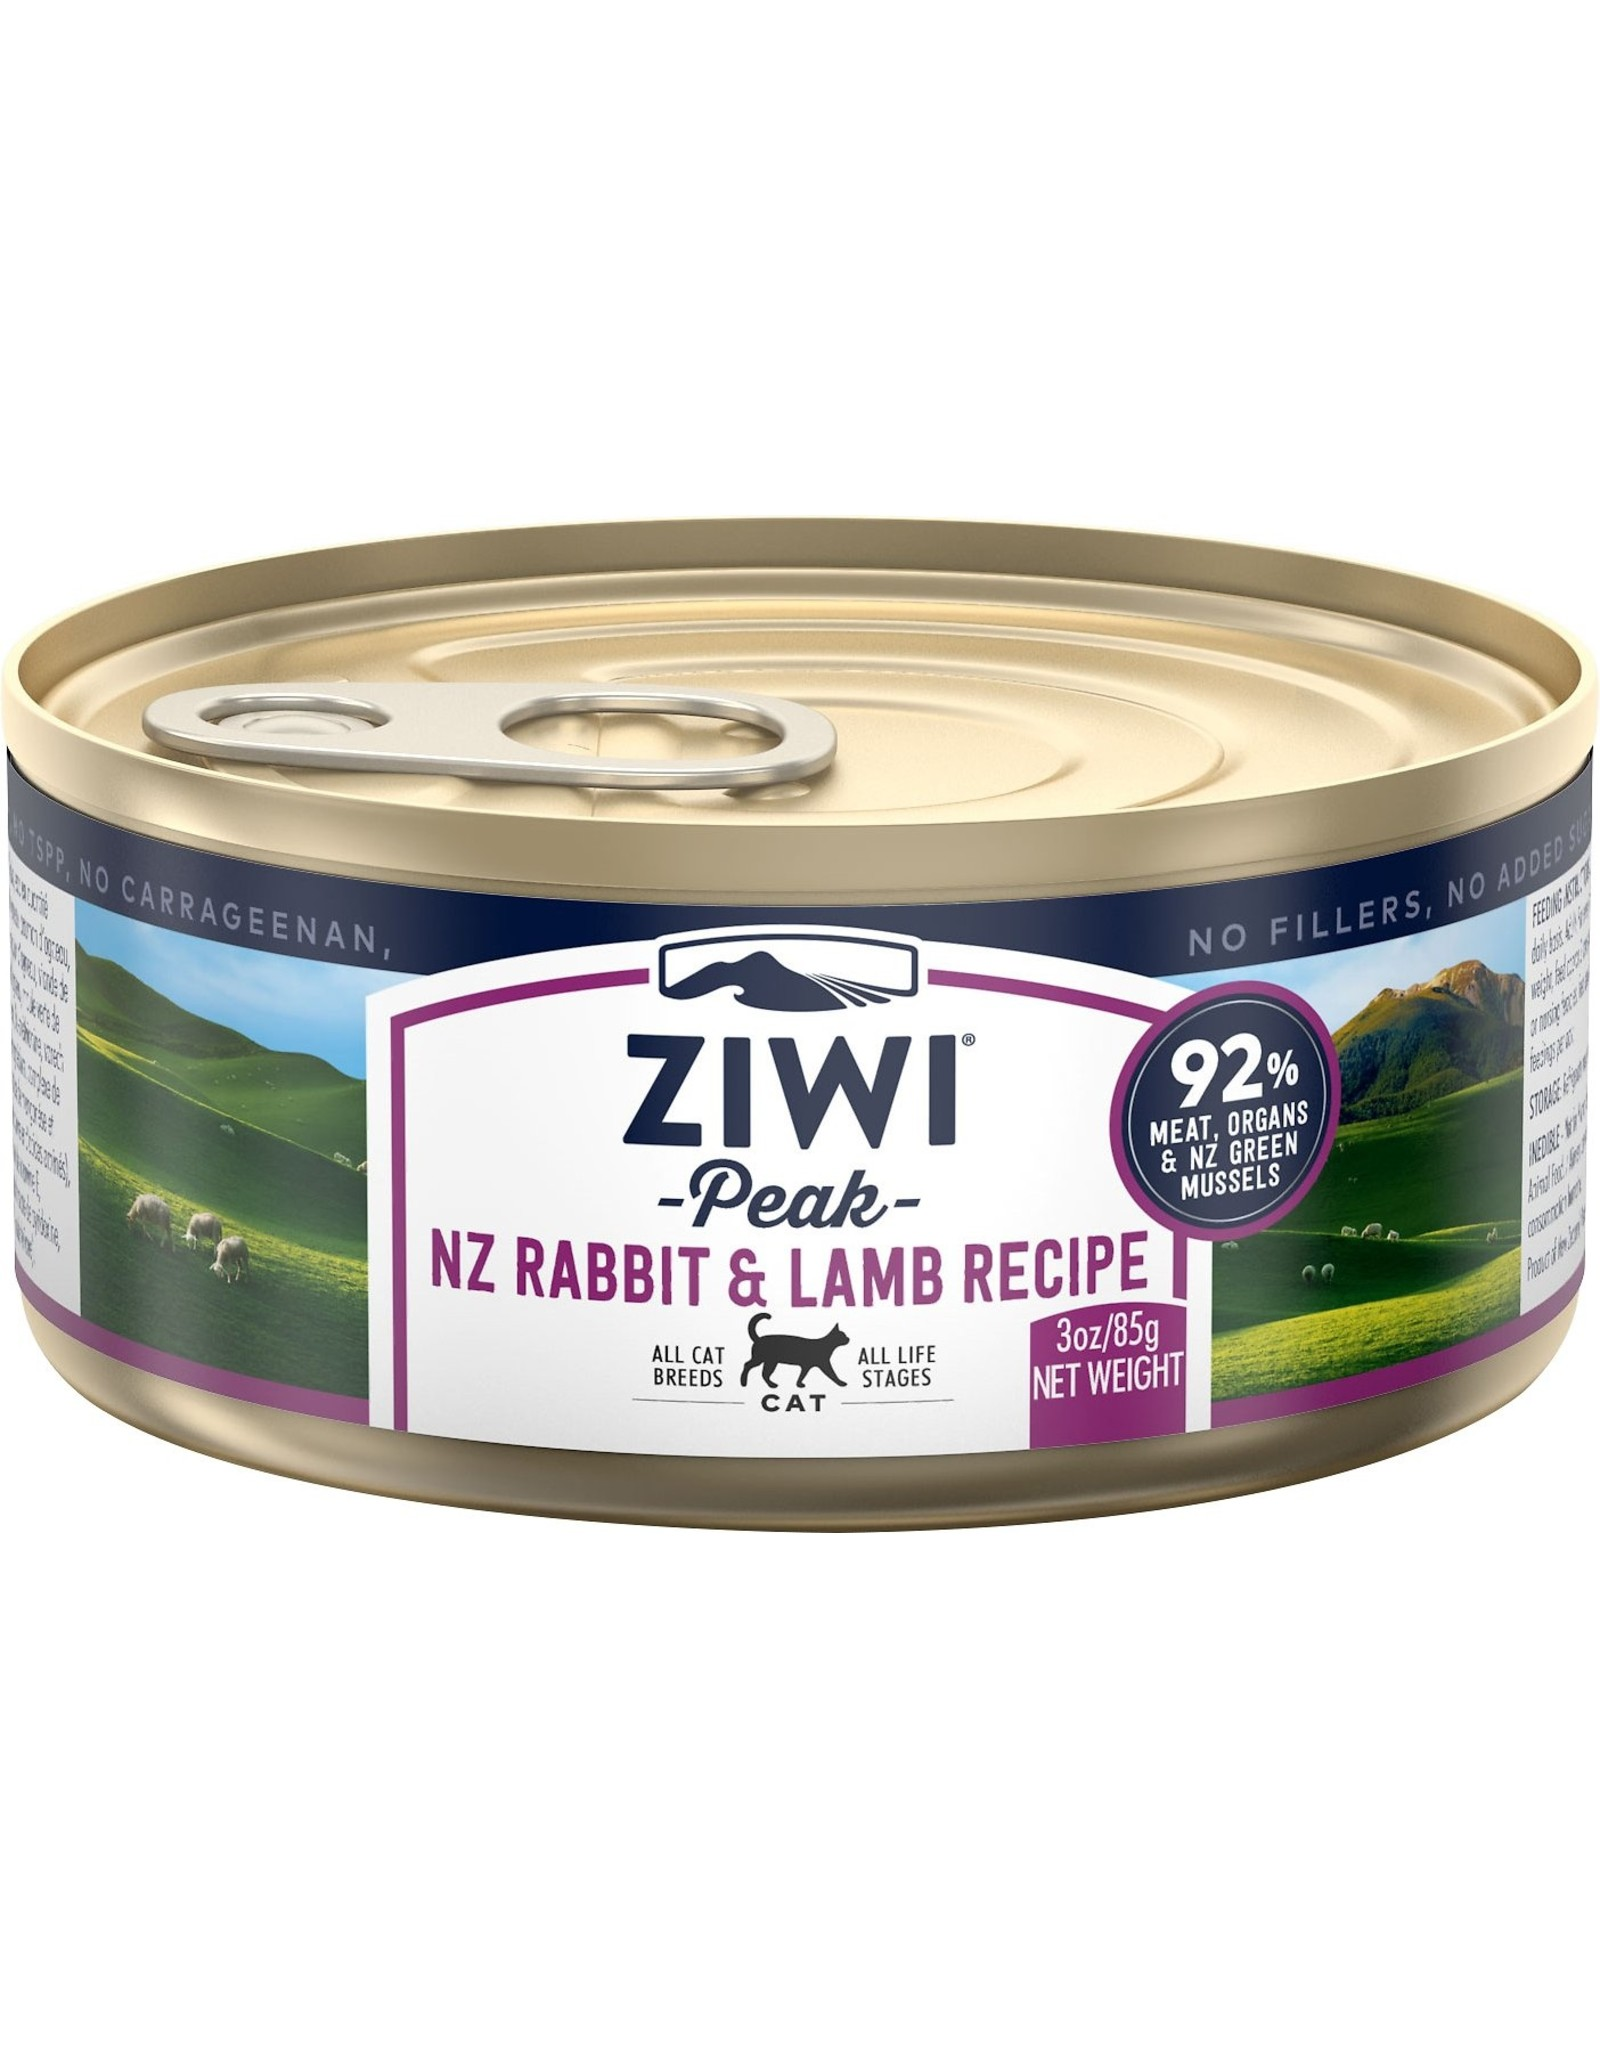 Ziwi Peak ZIWI PEAK CAT NEW ZEALAND RABBIT & LAMB RECIPE